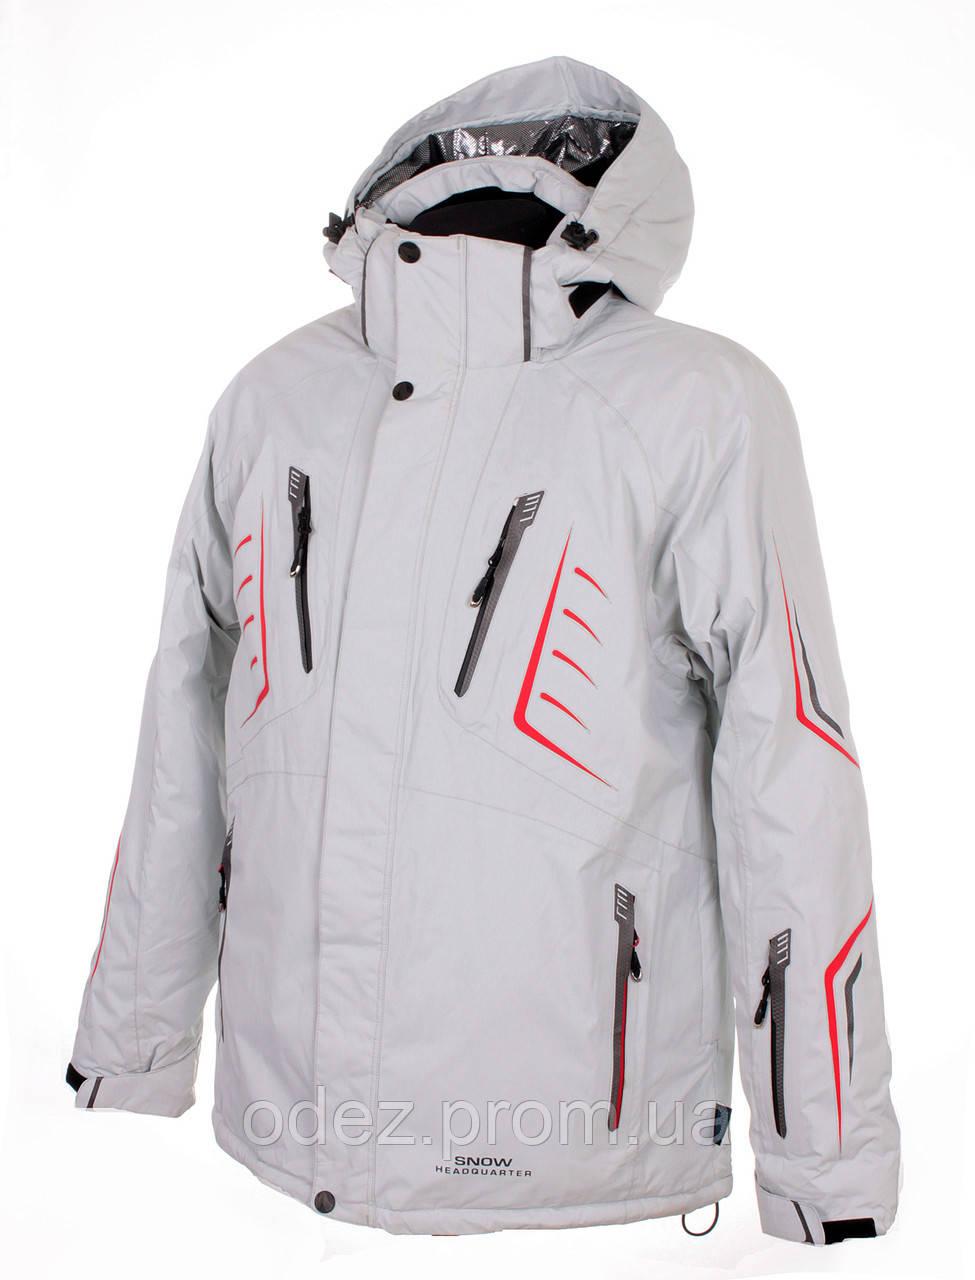 bcff0272010b8 Мужской горнолыжный костюм Snow headquarter c Omni-Heat - Интернет-магазин  одежды, обуви